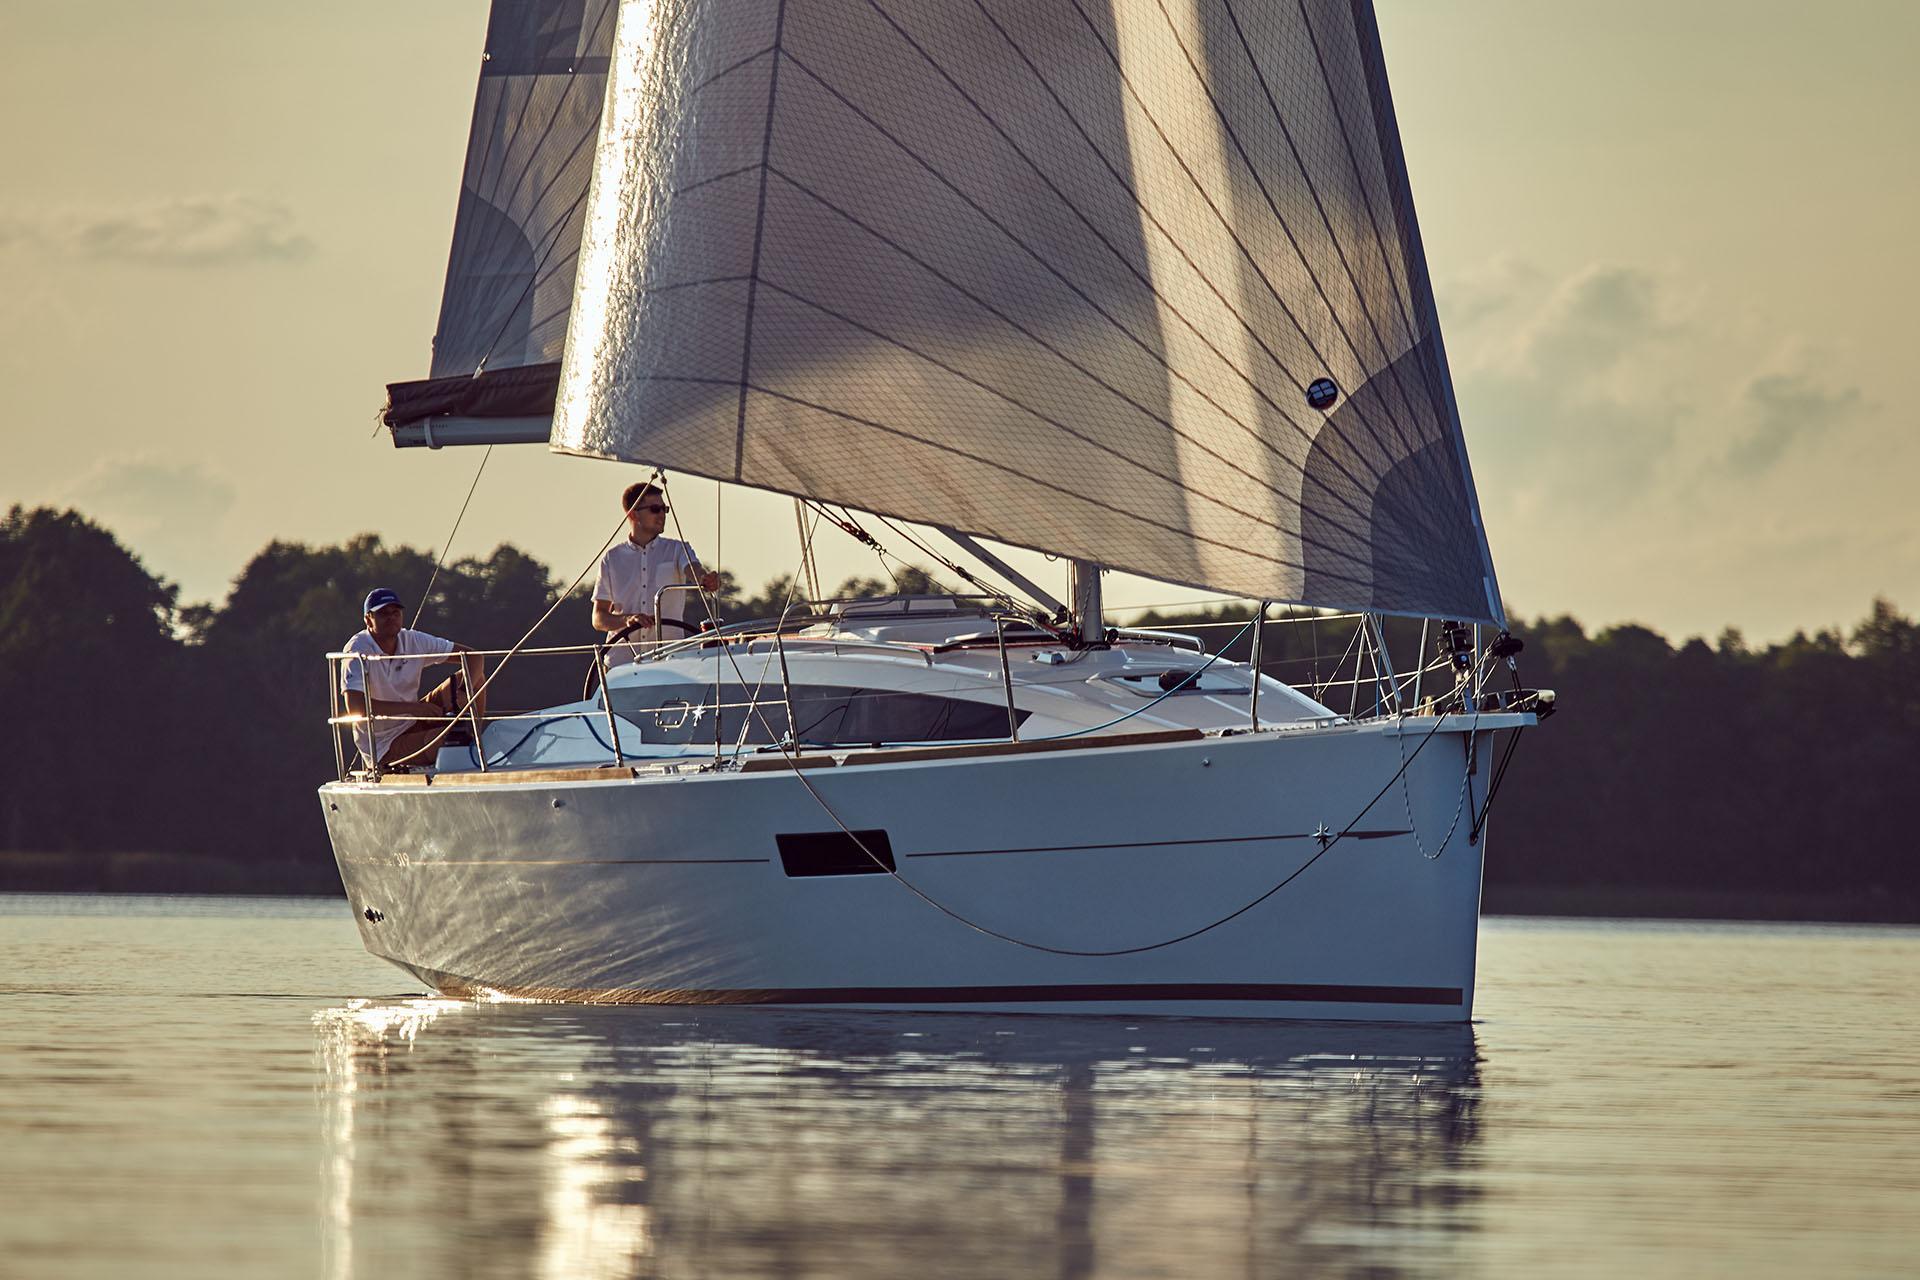 1 2 - Sun Odyssey 490